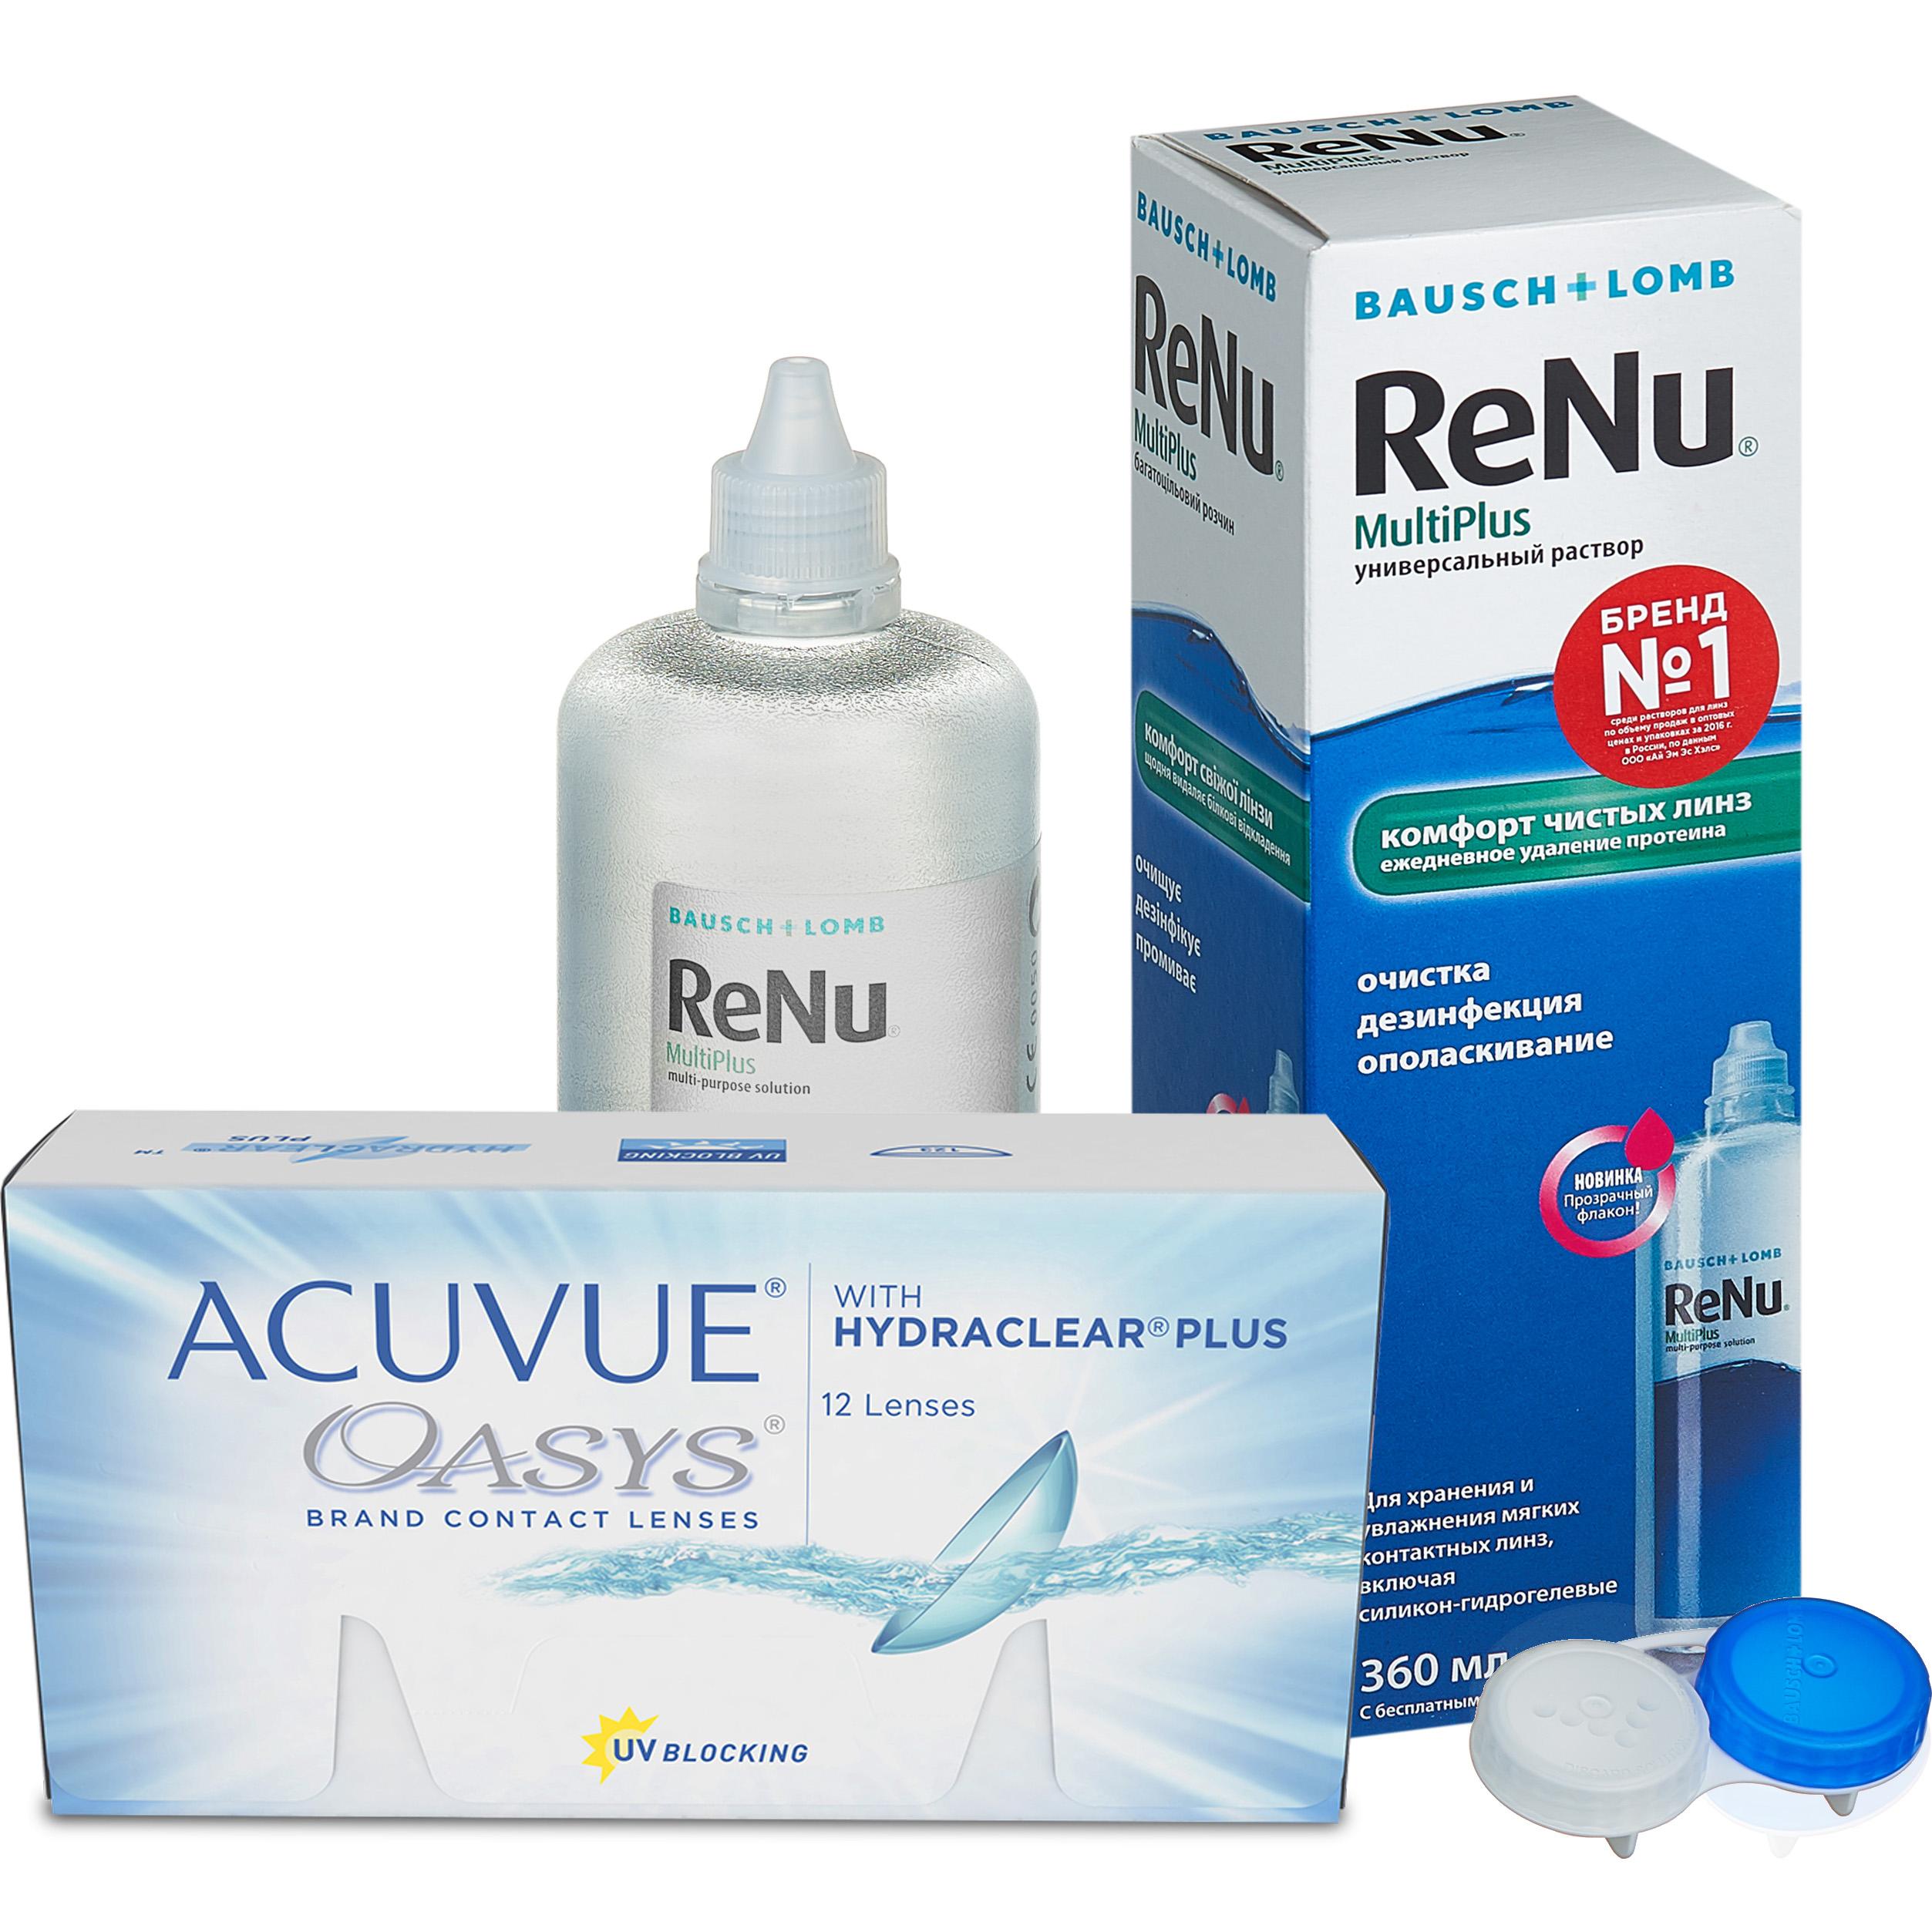 Купить Oasys with Hydraclear Plus 12 линз + ReNu MultiPlus, Линзы Acuvue Oasys with Hydraclear Plus 12 линз R 8.4 -1, 25 + ReNu Multi Plus 360 мл